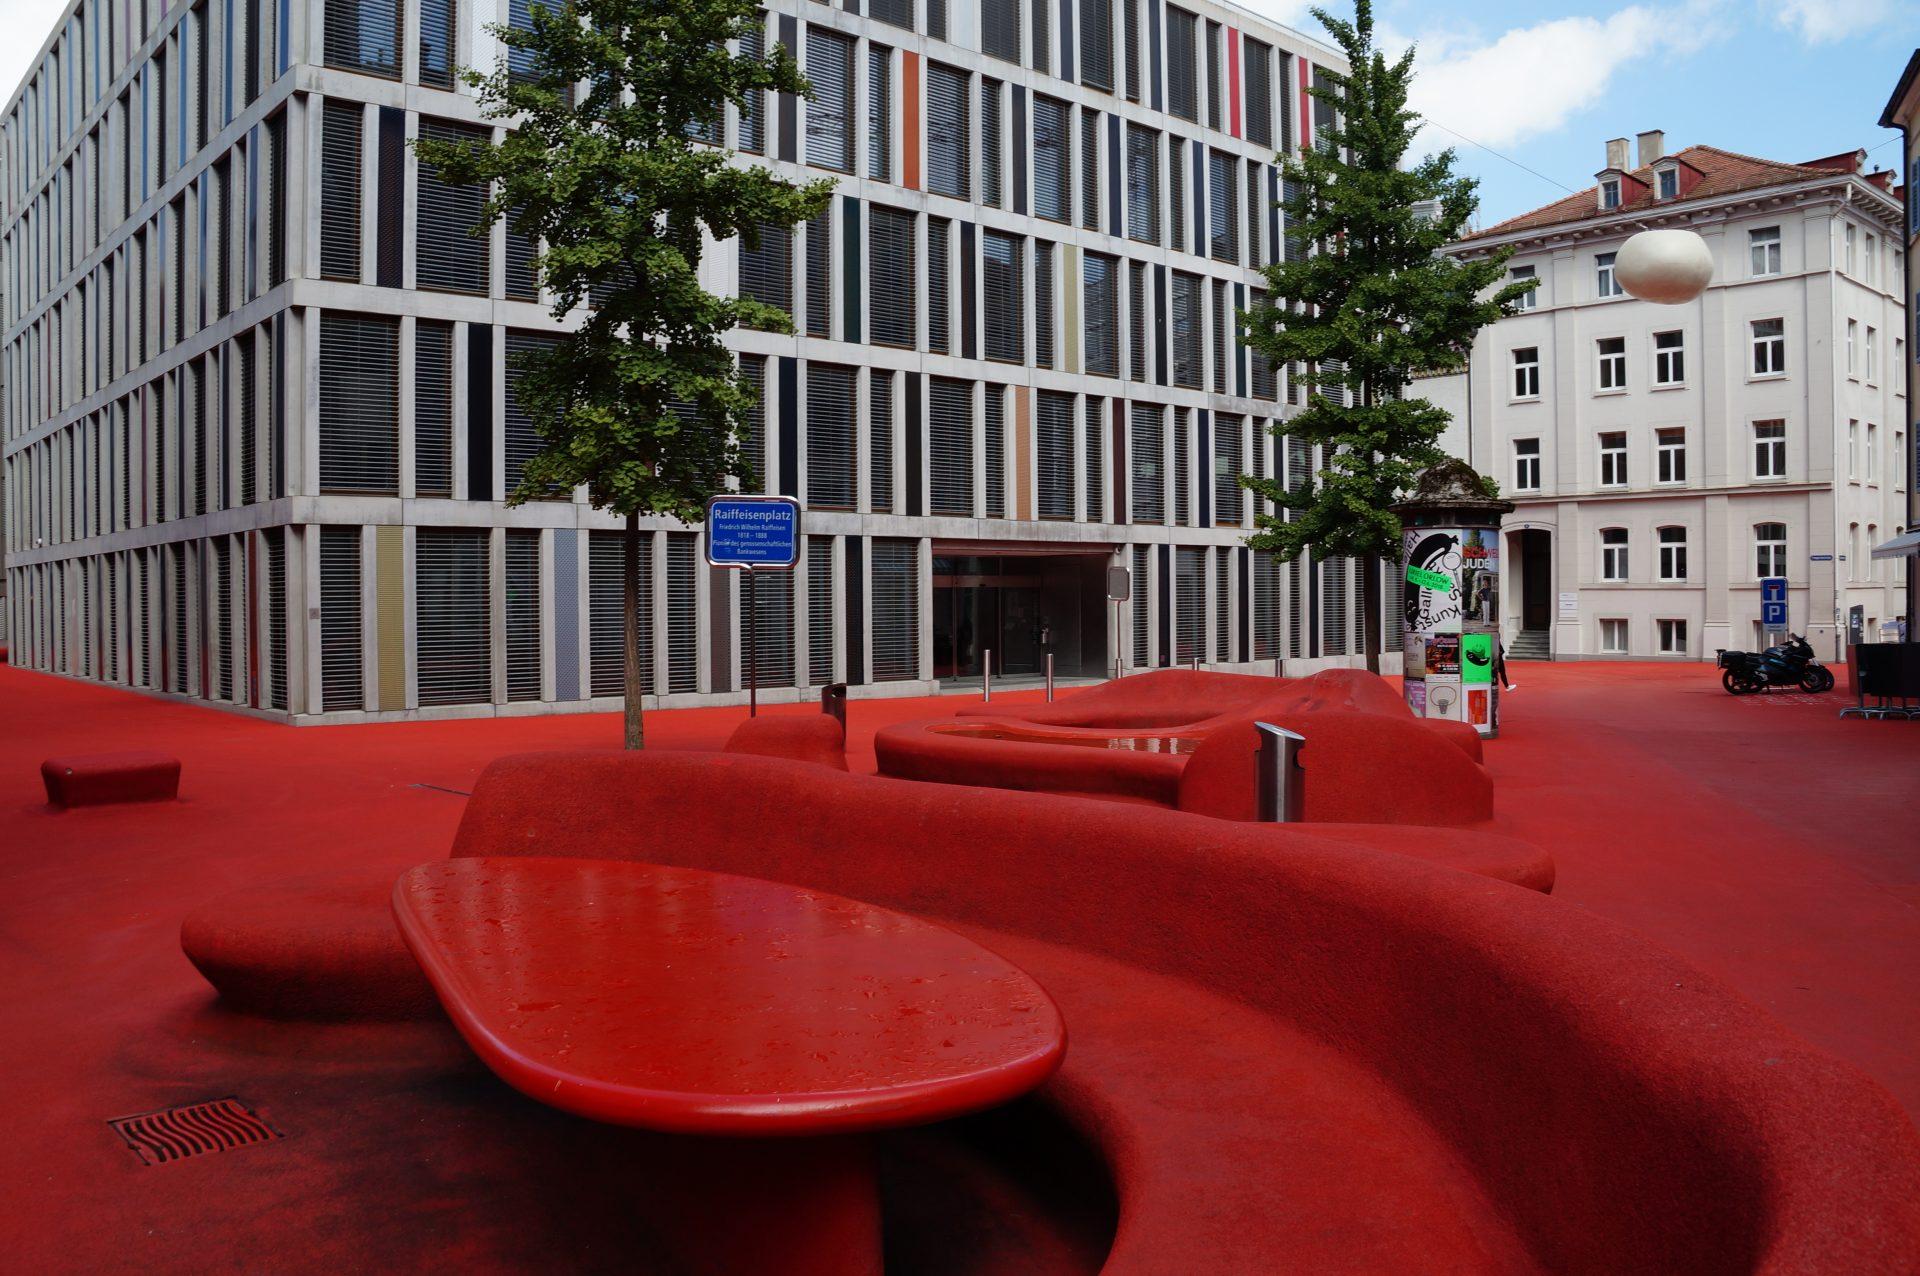 St.Gallen_RoterPlatz_06